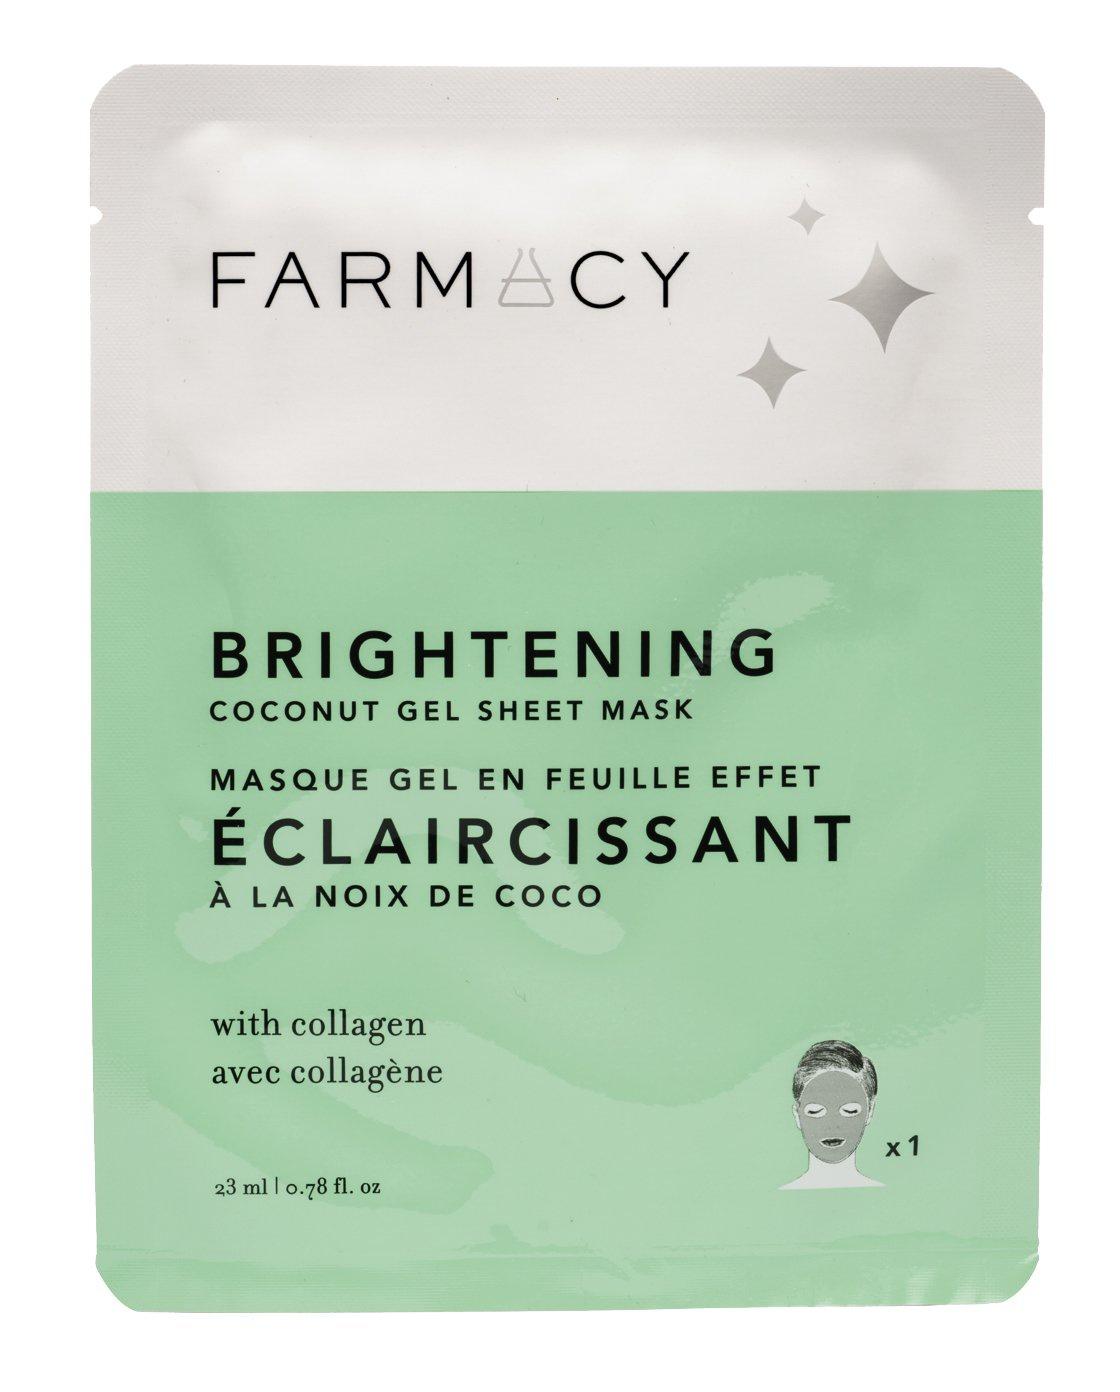 Farmacy Brightening Coconut Gel Sheet Mask